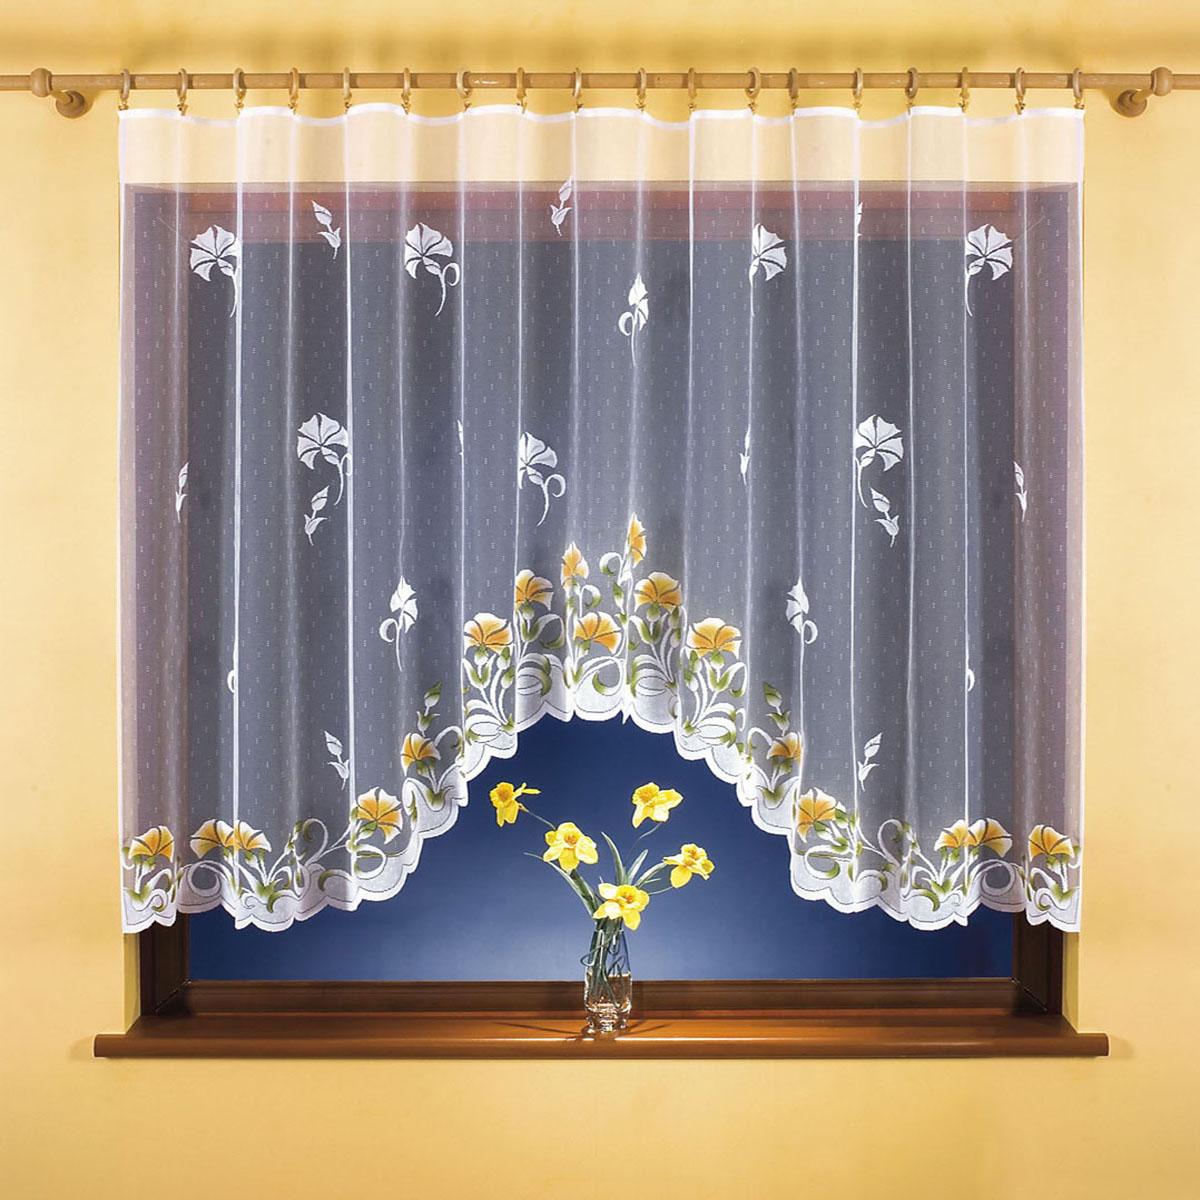 Гардина Wisan, цвет: белый, ширина 300 см, высота 150 см. 9814S03301004вид крепления - под зажимы для шторРазмеры: ширина 300*высота 150